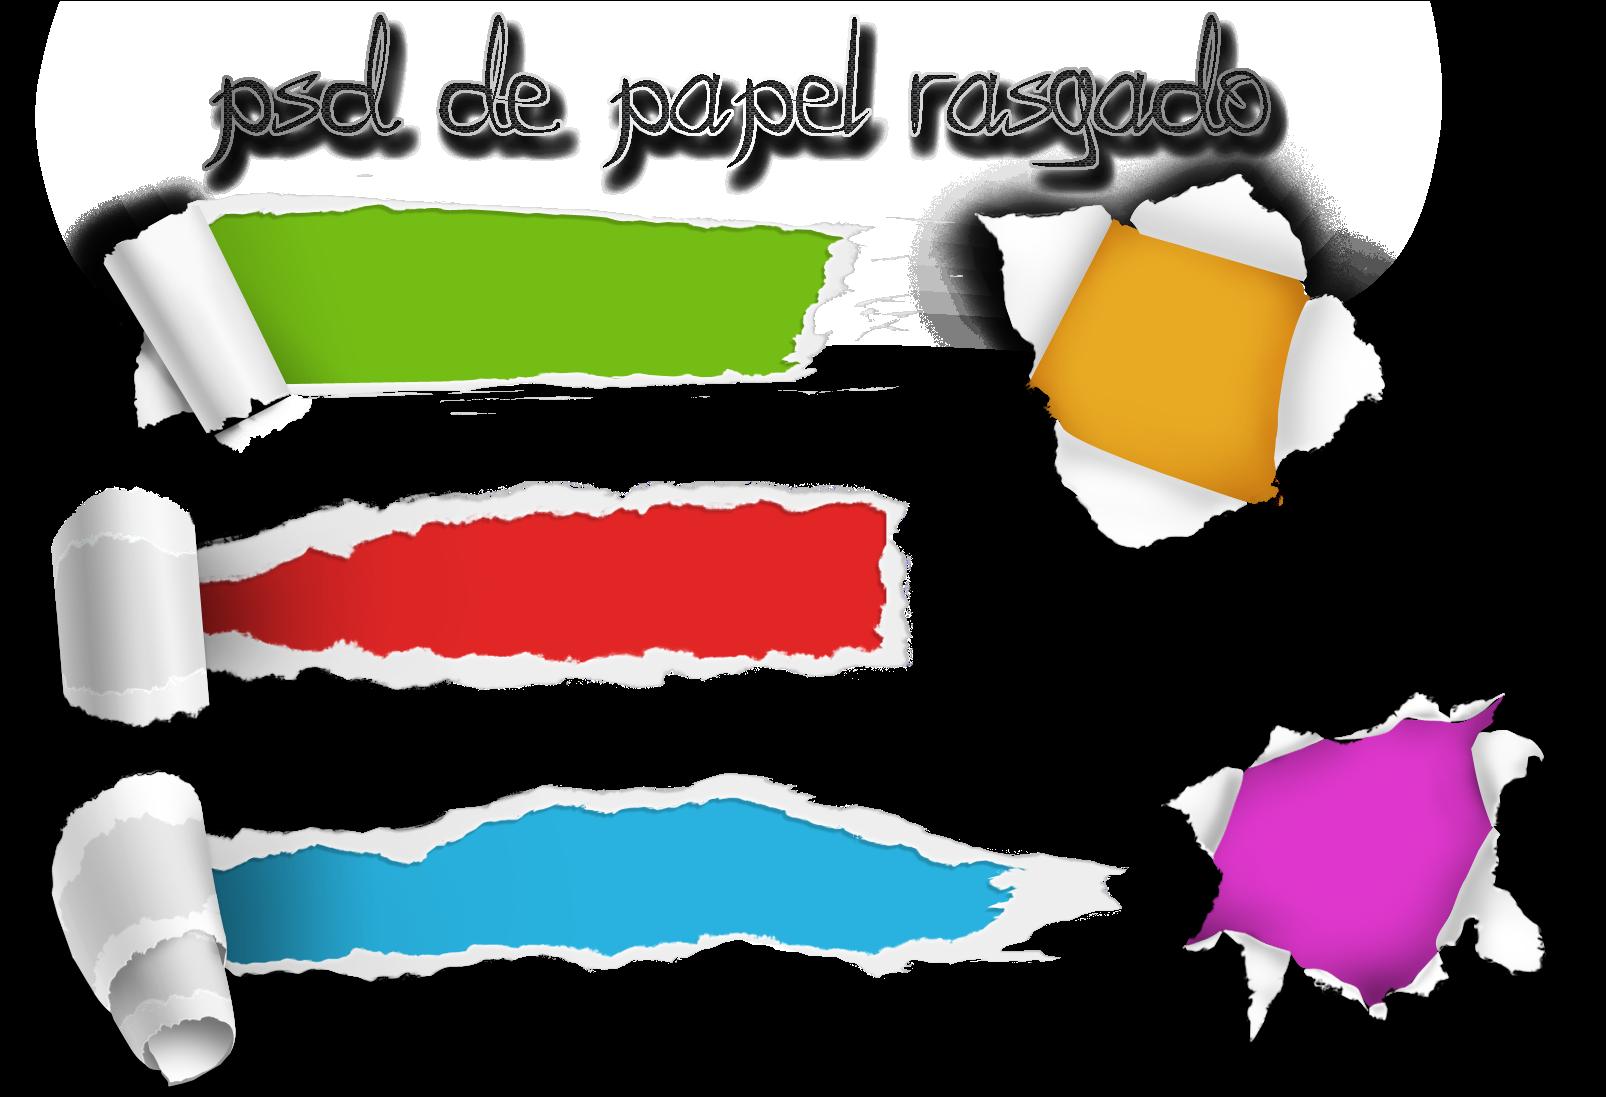 Aporte Papel Rasgado Torn Paper Png Free Download.